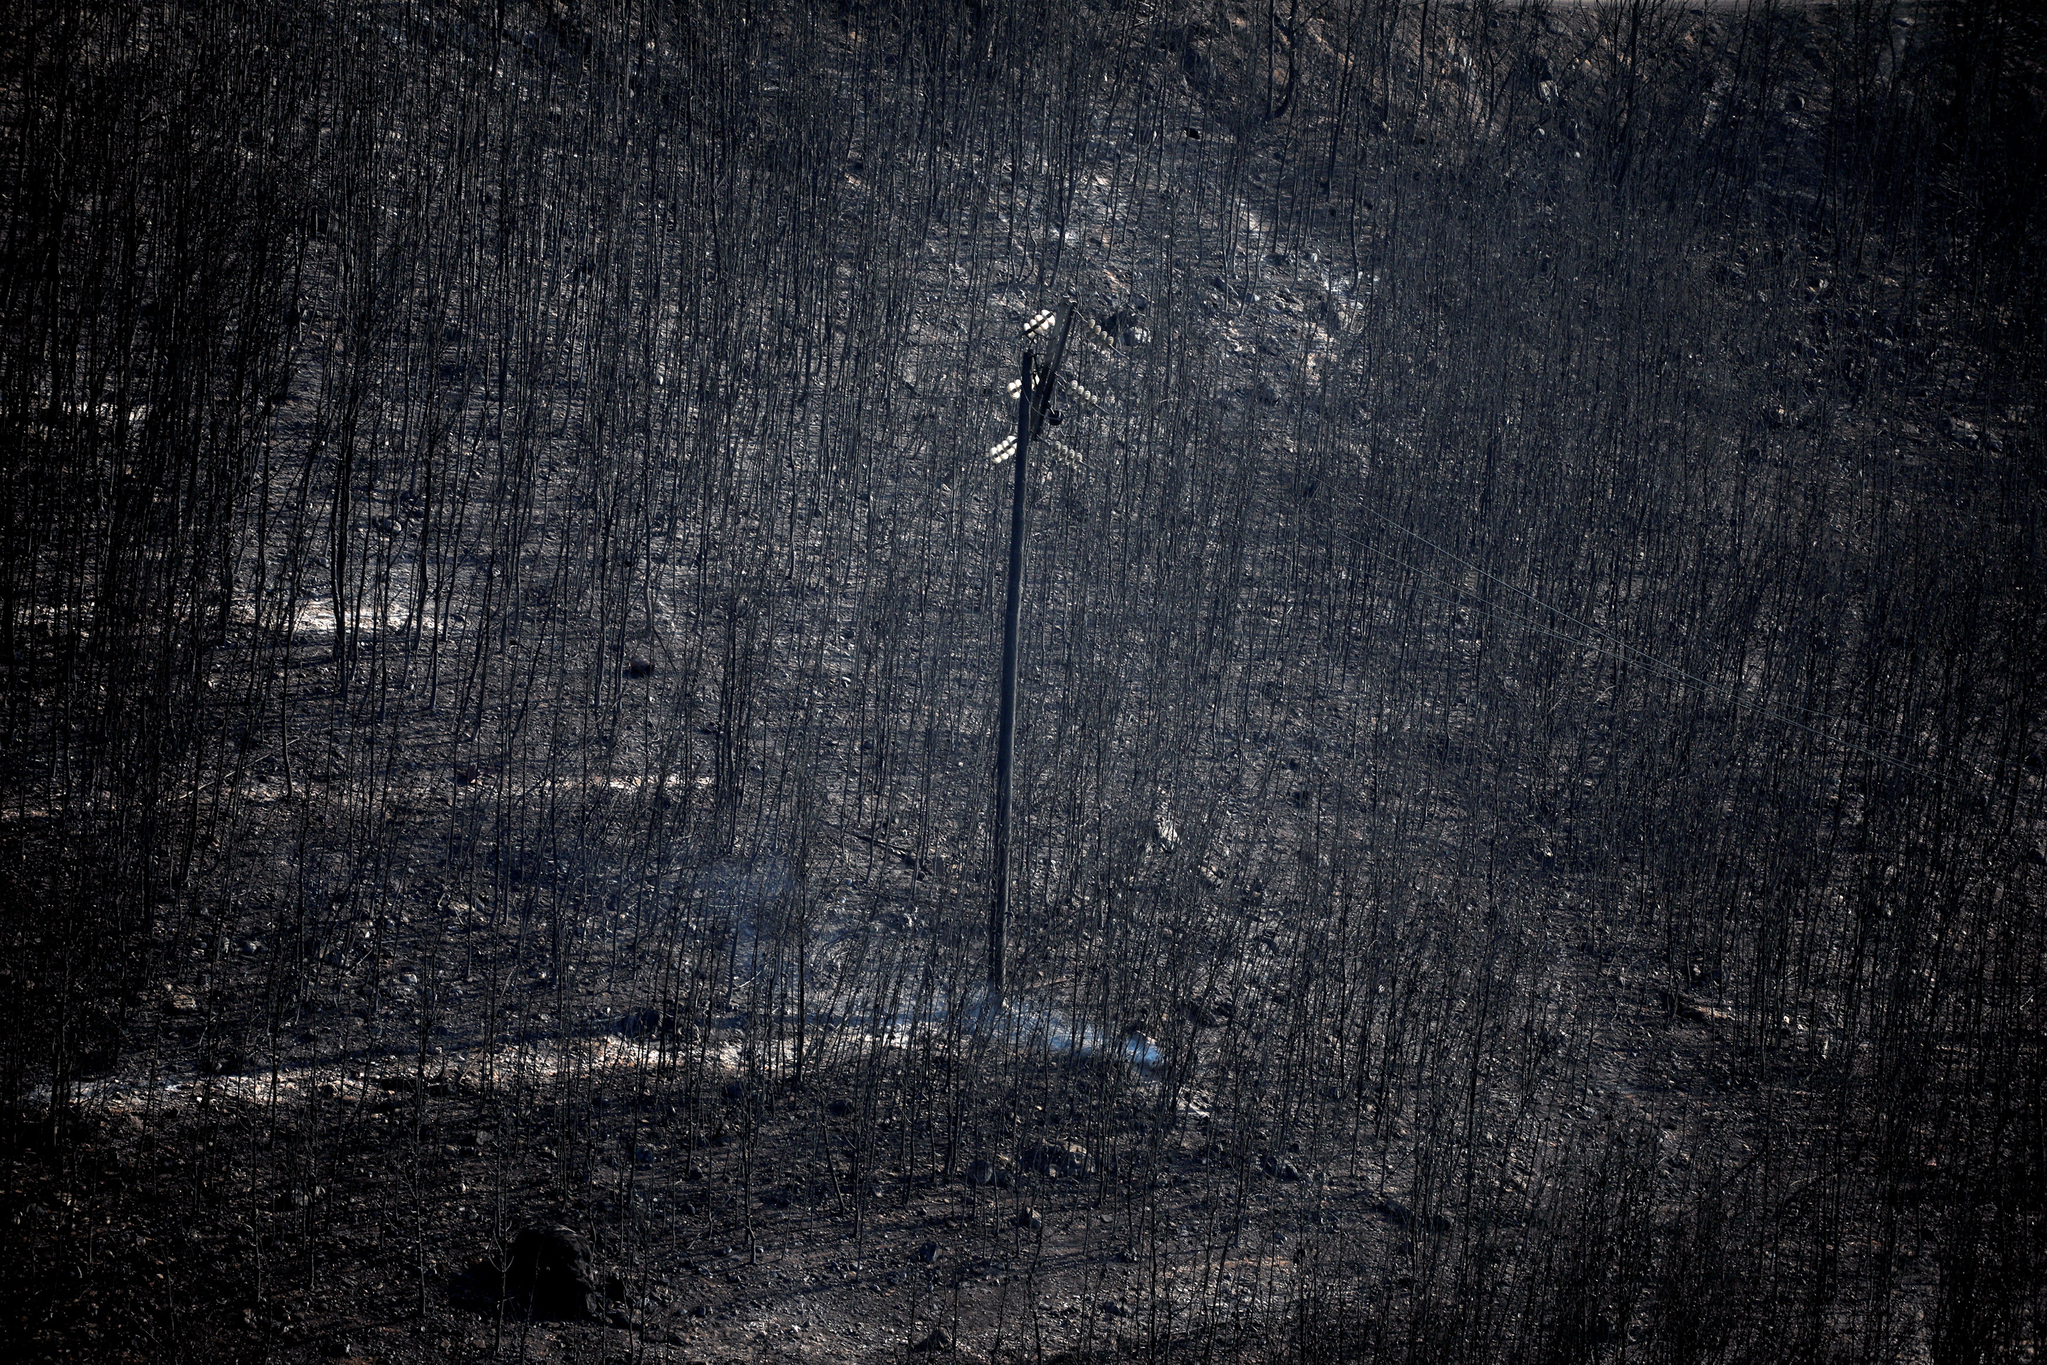 7월 25일 그리스 아테네 인근 네오스부자스에서 불 탄 나무들 사이에 전봇대 하나가 서 있다. [로이터=연합뉴스]